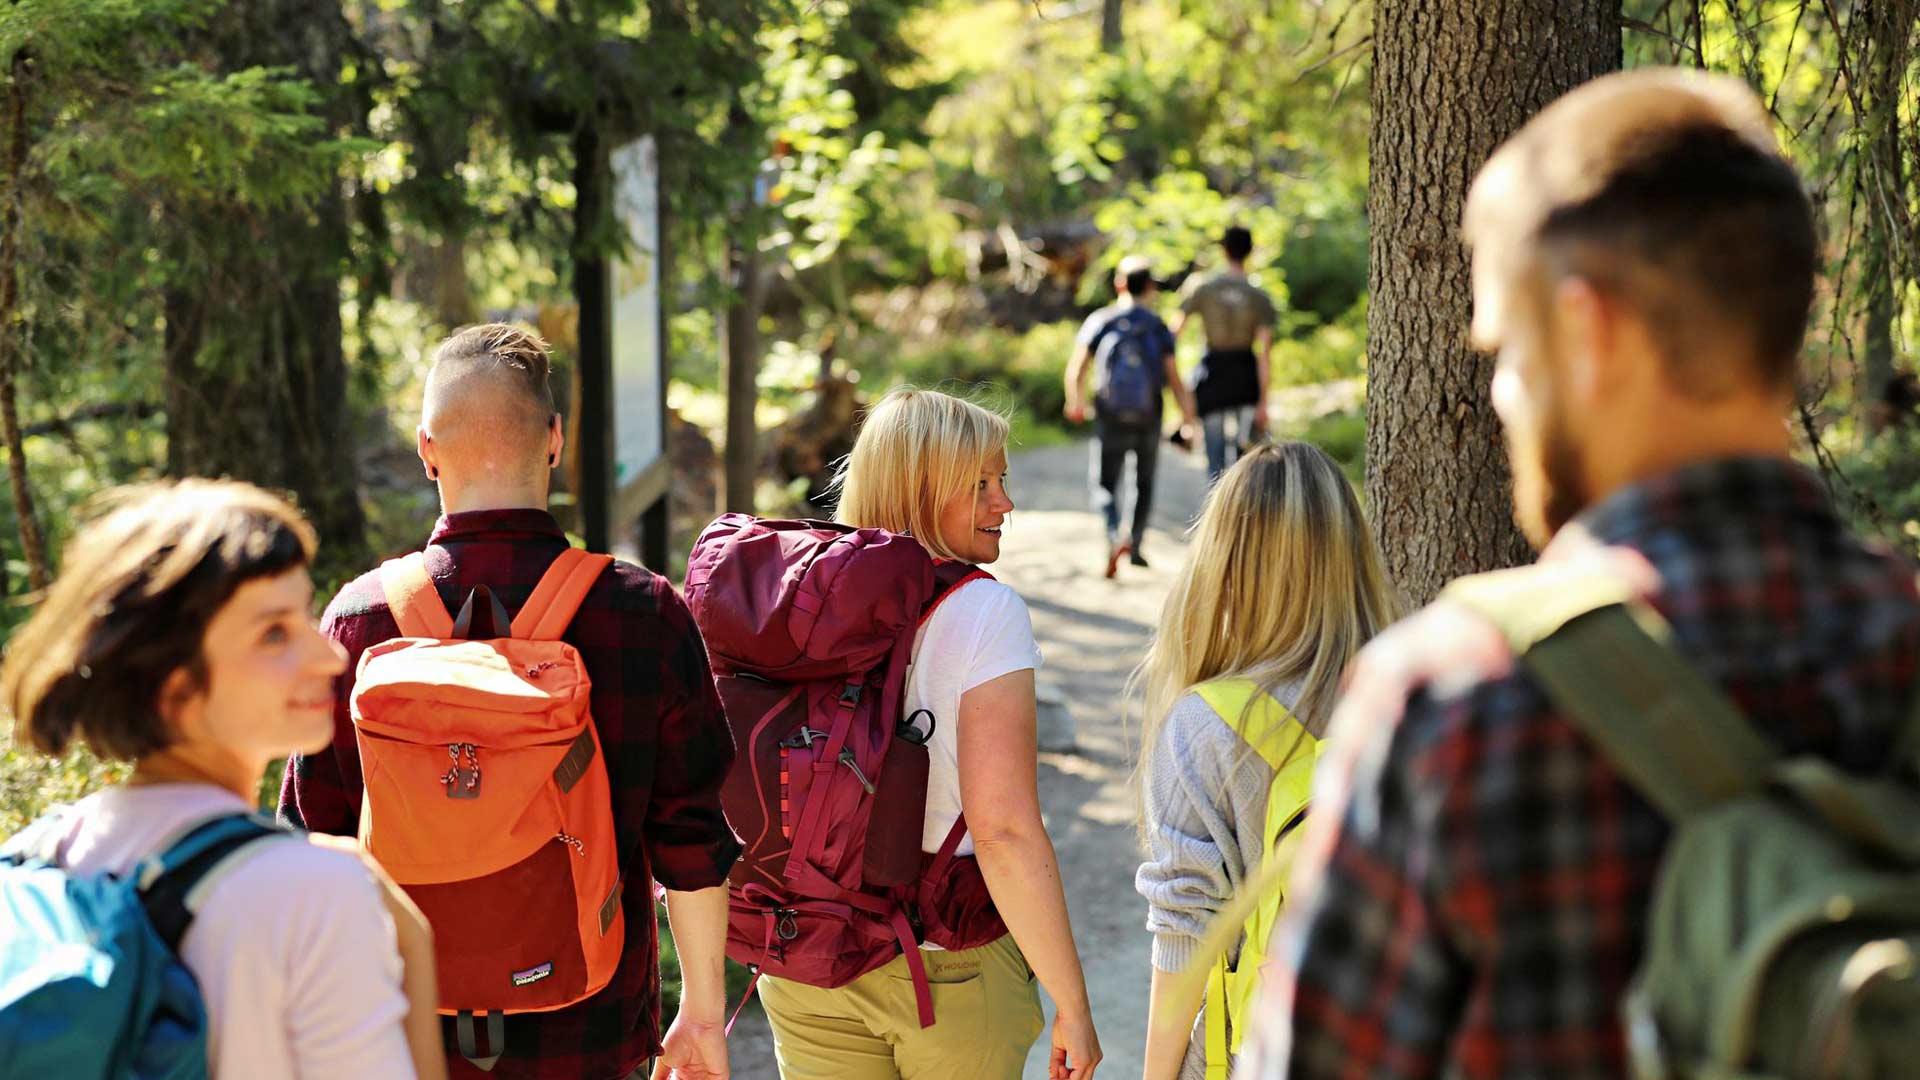 Ukko-Kolin huipulta avautuu Suomen tunnetuin kansallismaisema. Portaaton, 0,8 kilometrin mittainen reitti soveltuu myös lastenvaunuille ja heille, joille liikkuminen on vaikeampaa.